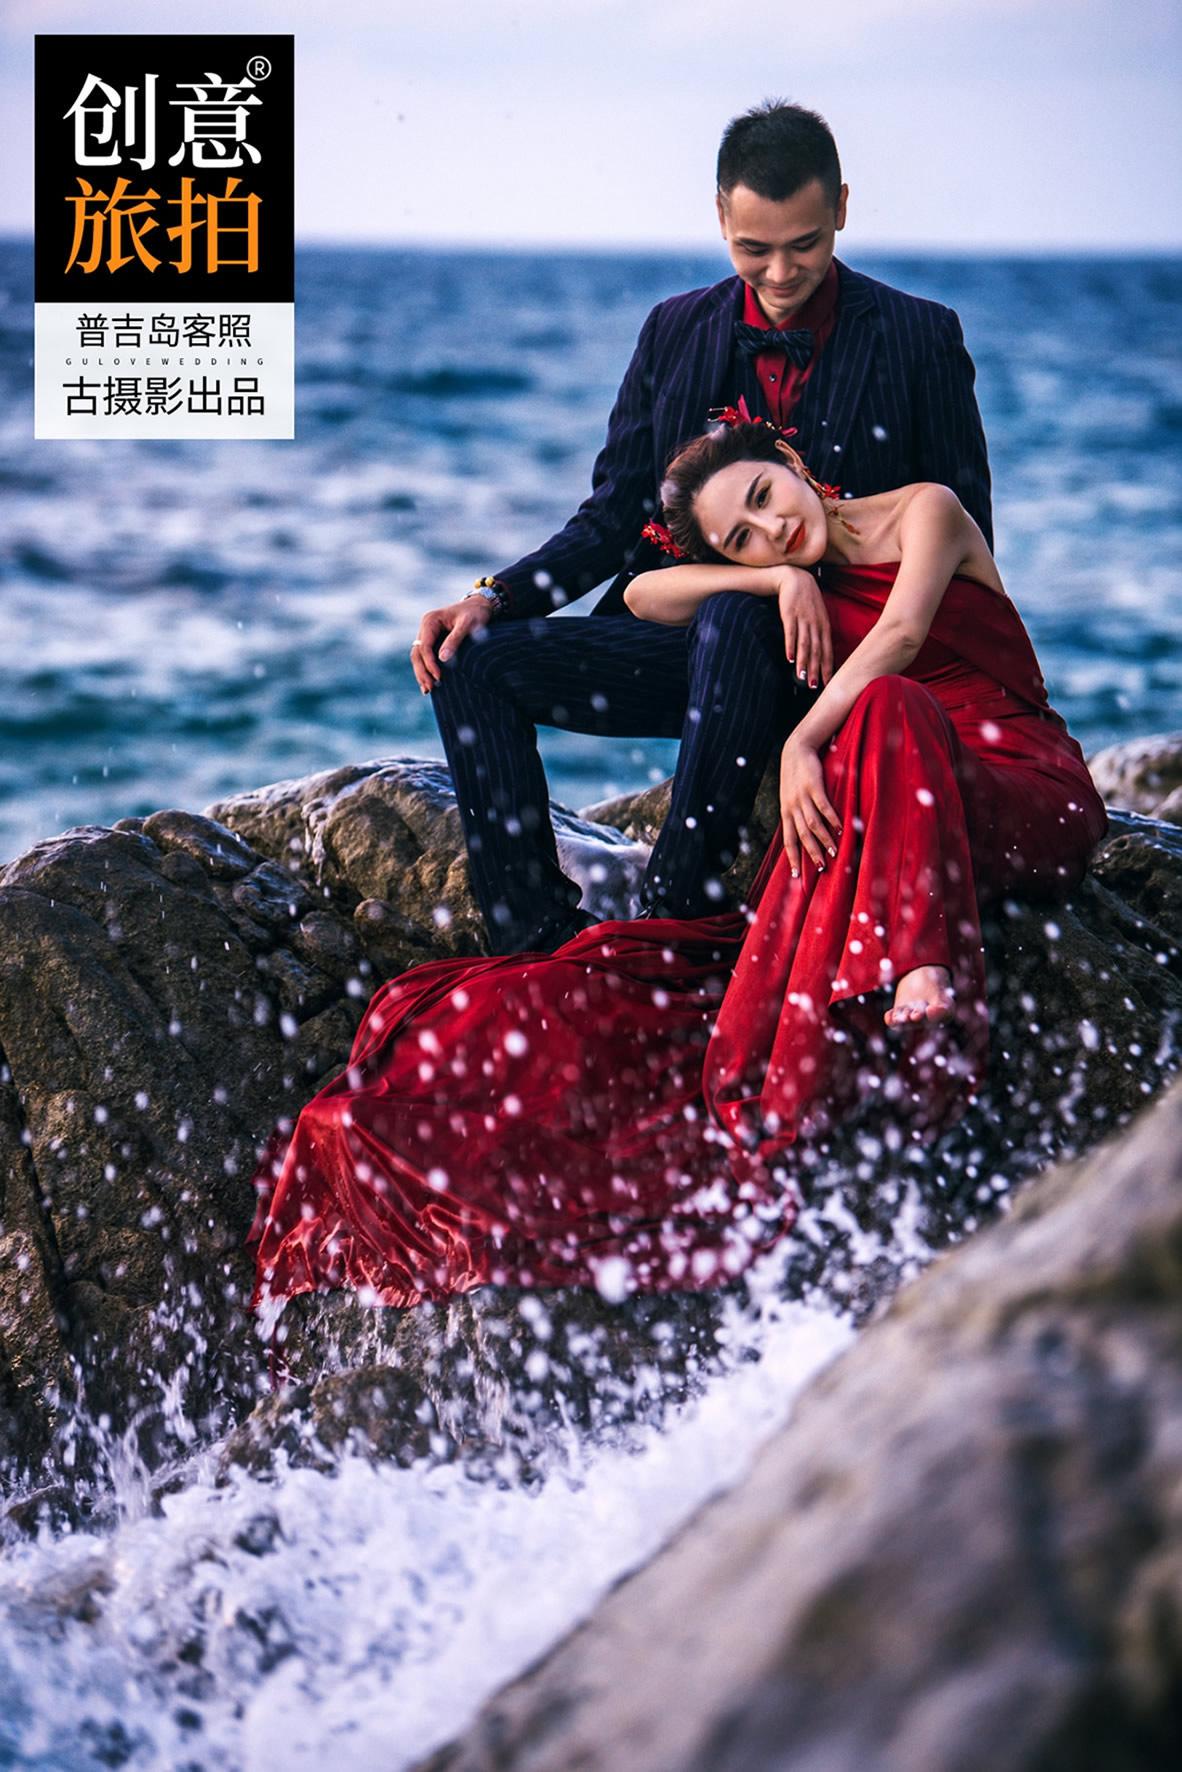 普吉島客照 - 旅拍客照集合 - 古攝影婚紗藝術-古攝影成都婚紗攝影藝術攝影網